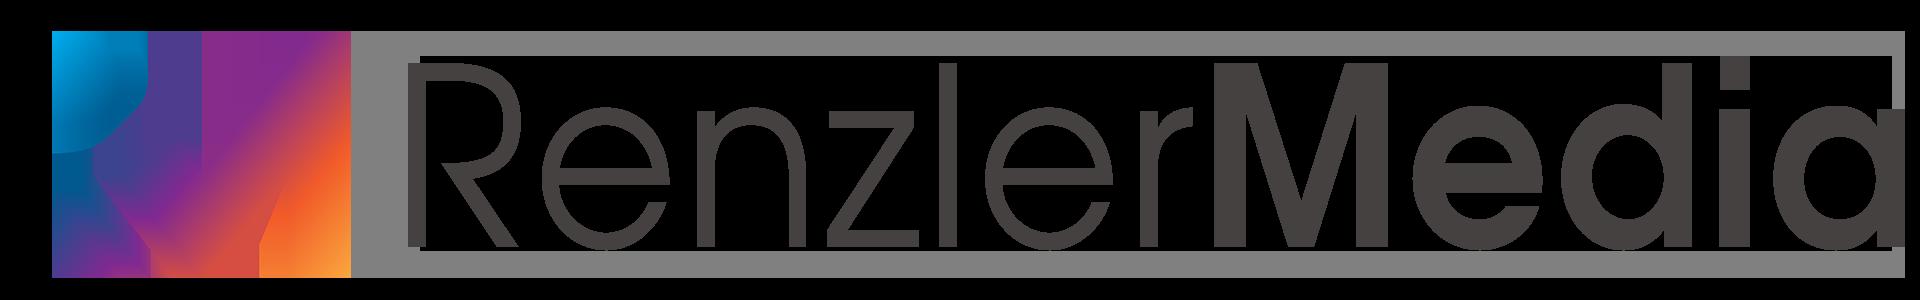 RenzlerMedia Horizontal Transparent.png